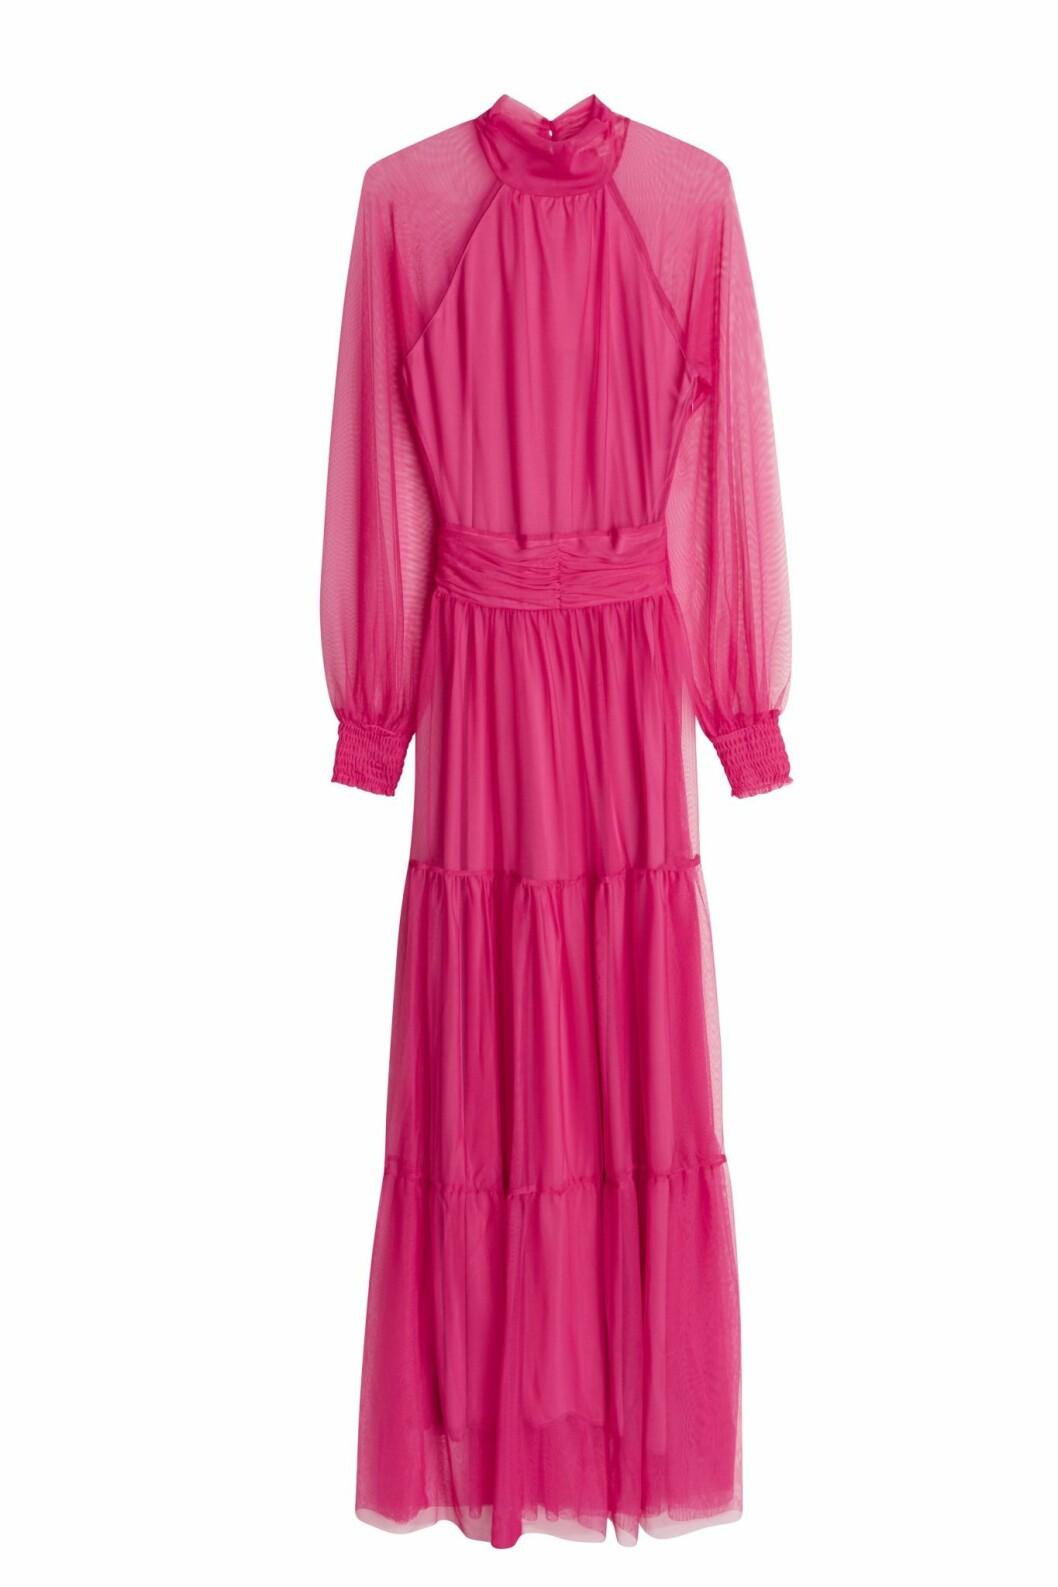 Maja Nilsson Lindelöf gör kollektion med Gina tricot –rosa klänning